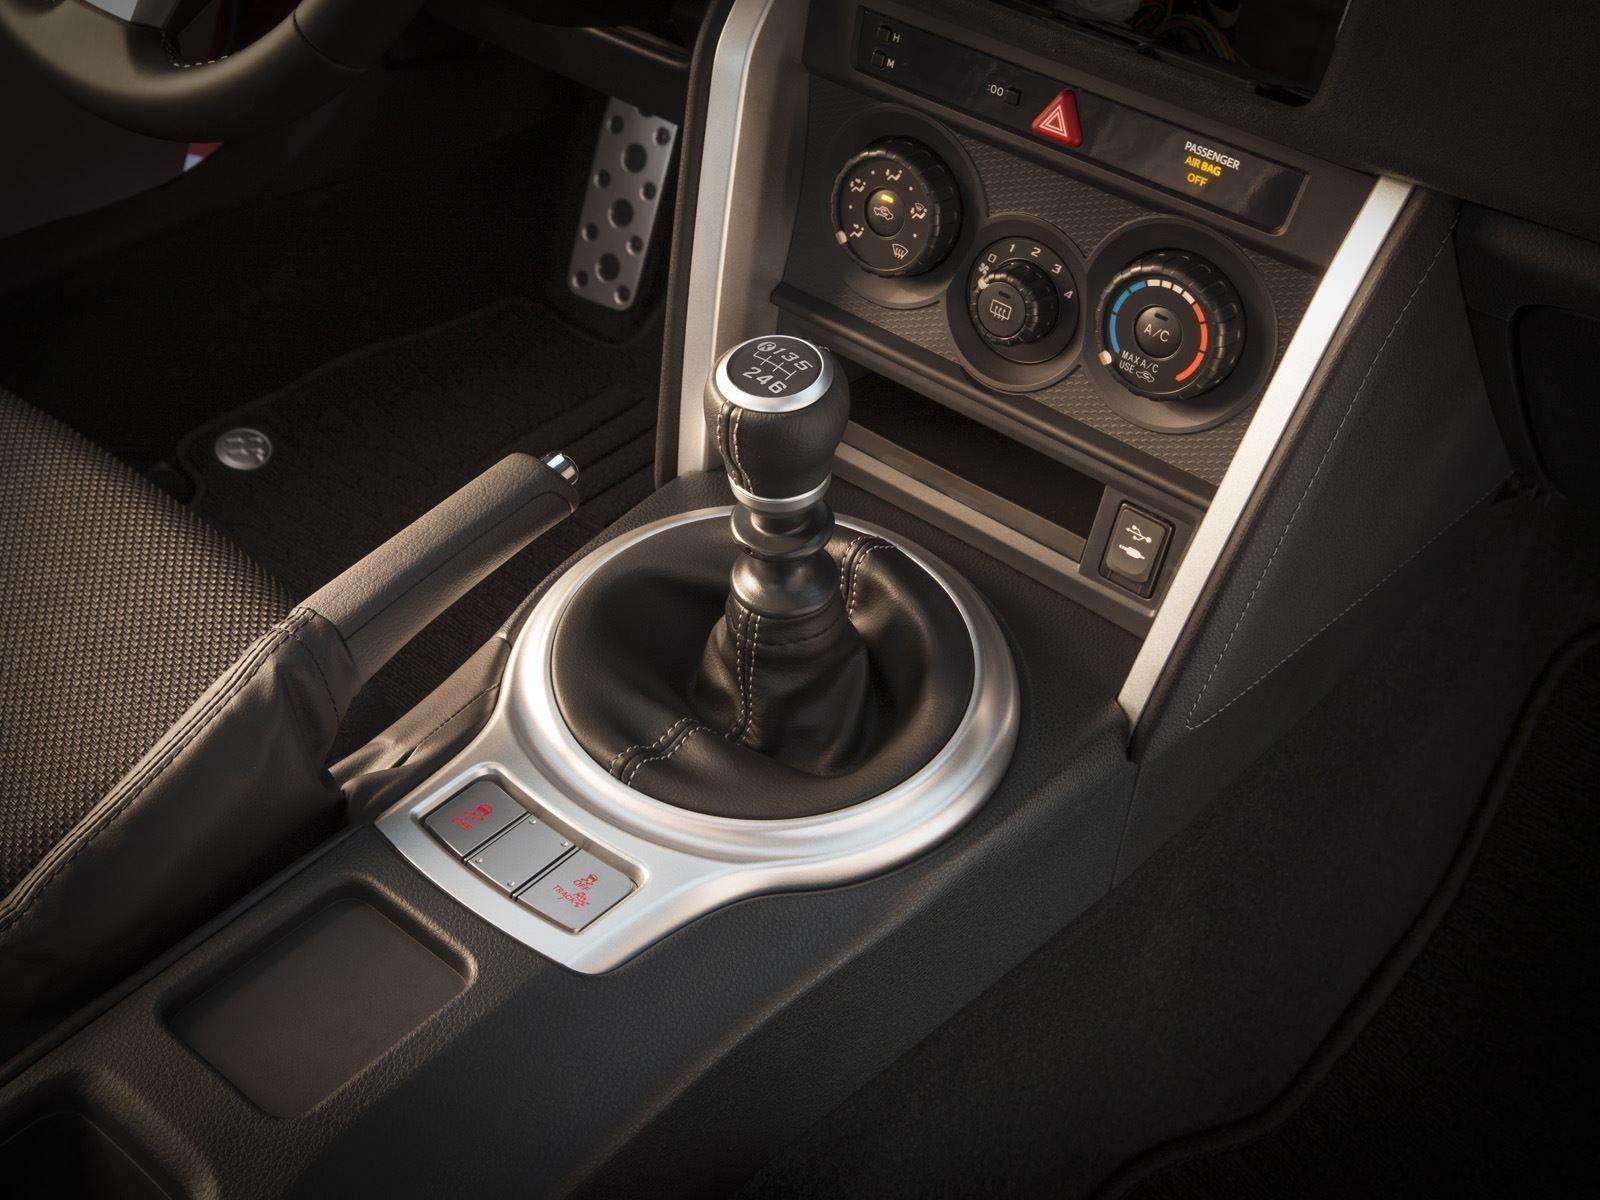 С тех пор, как Scion FR-S и Subaru BRZ дебютировали еще в 2012 году, поклонники требовали чего-то еще - больше мощности.